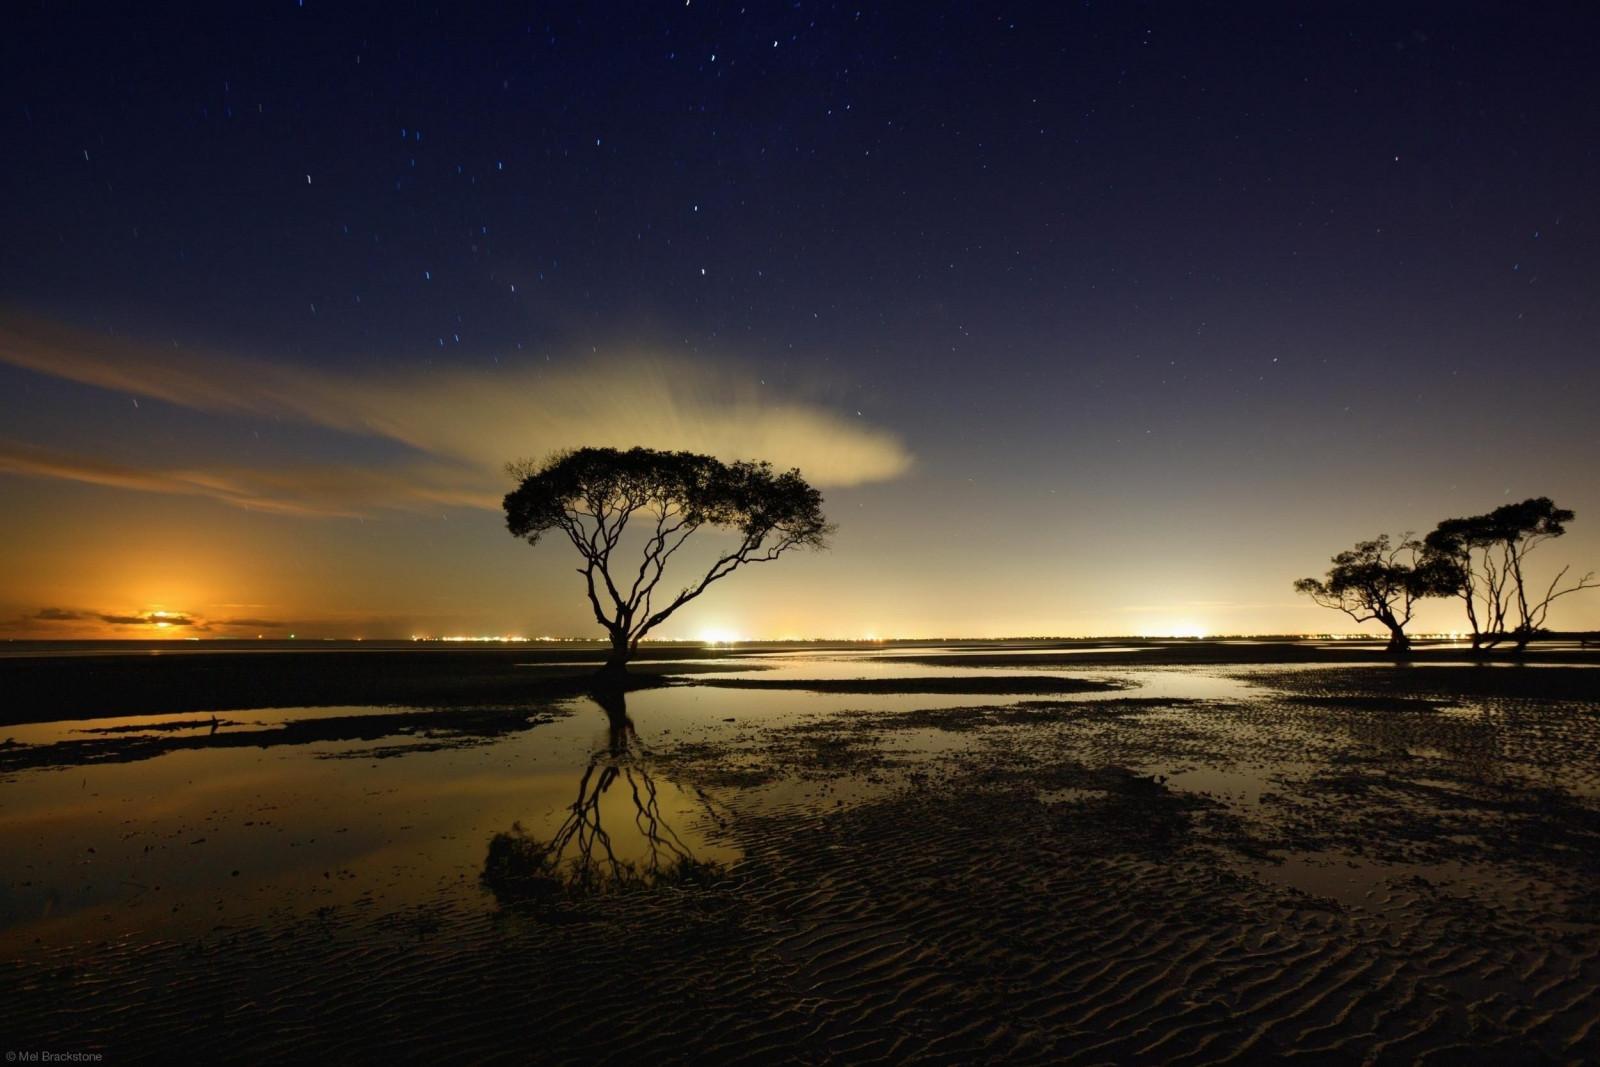 Fond d'écran : 2500x1668 px, des nuages, paysage, clair de lune, la nature, Nouvelle-Zélande ...